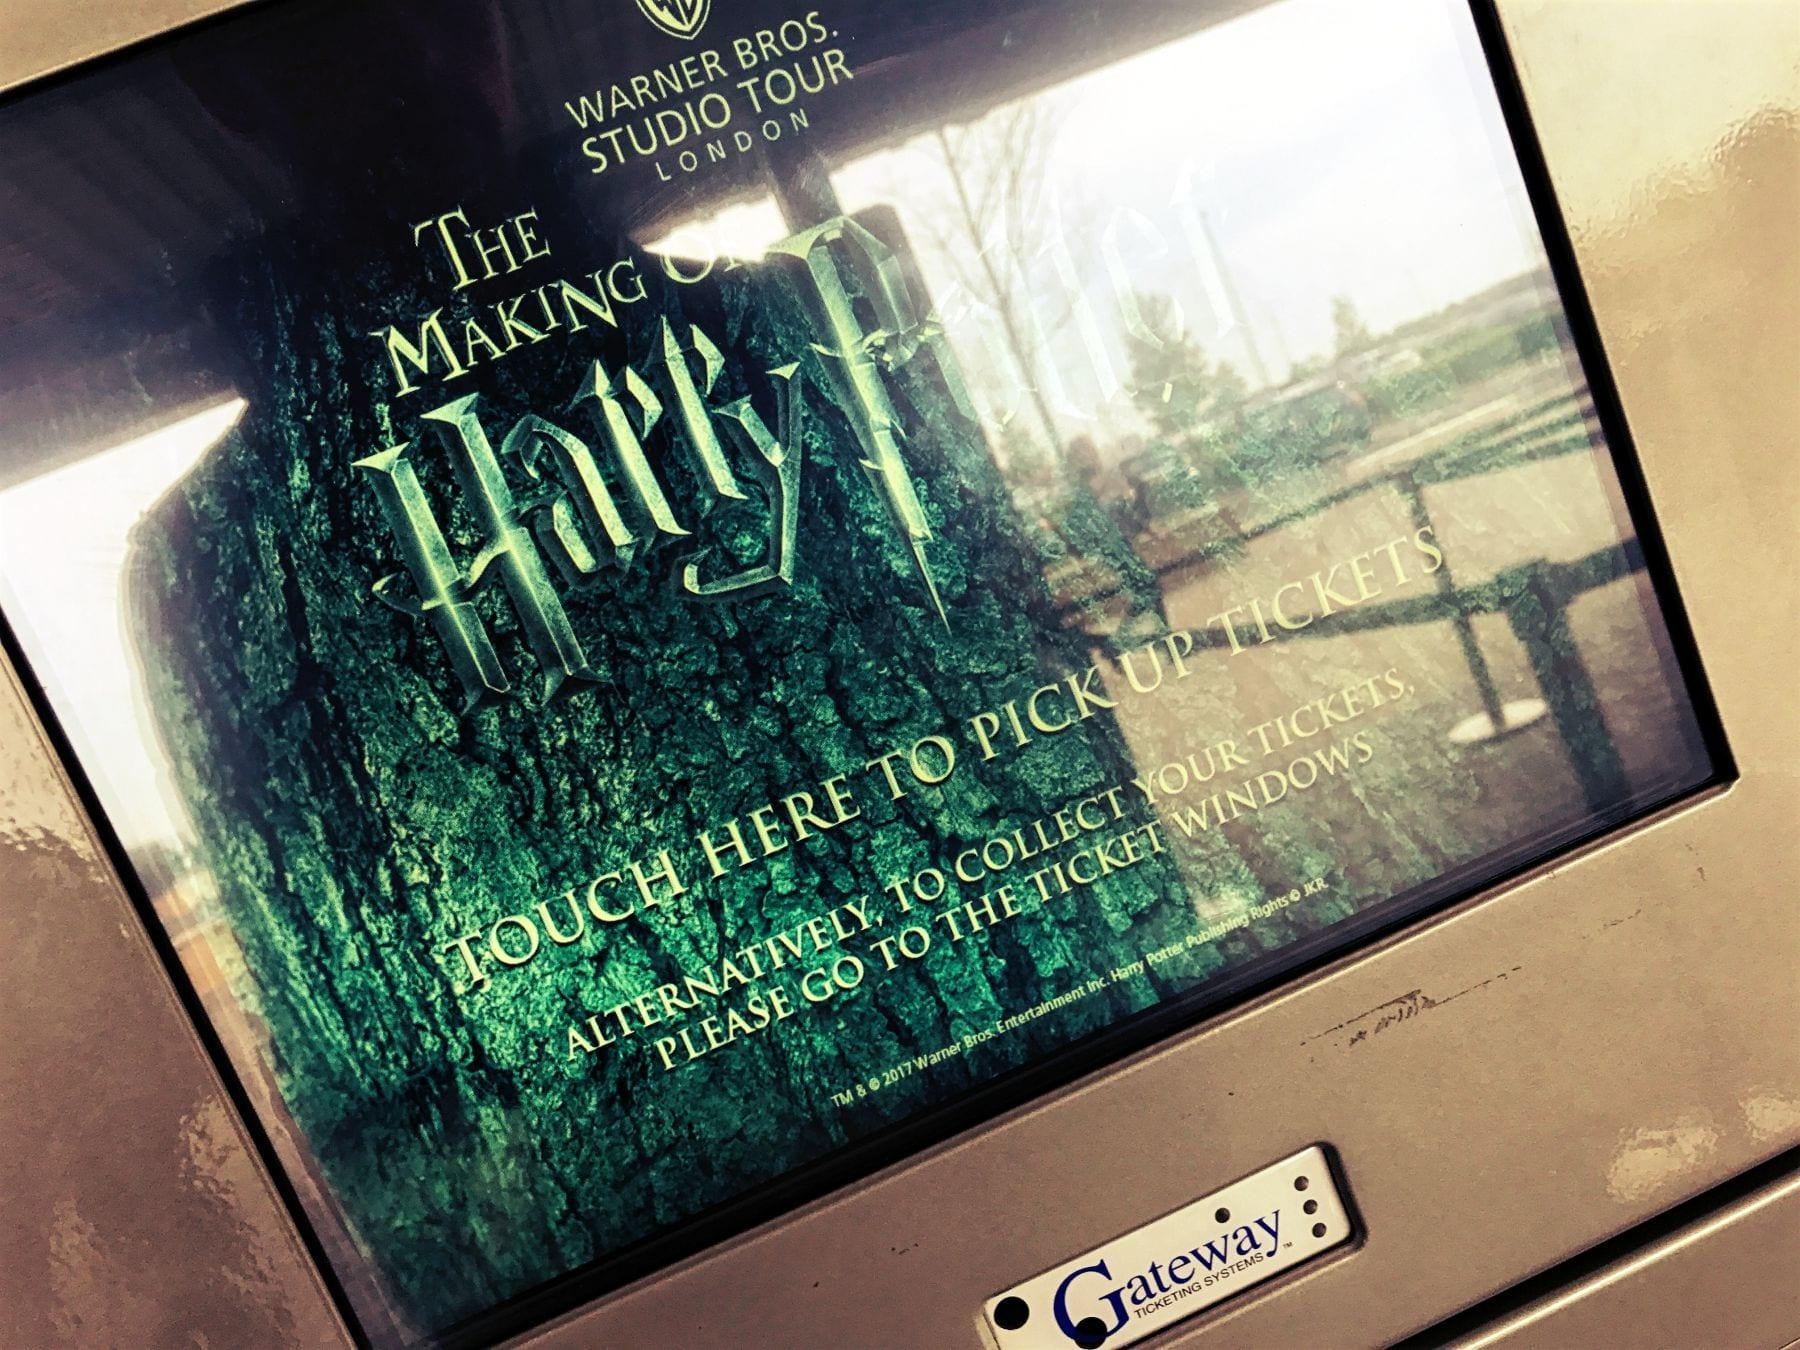 Hier kann man das Ticket ausdrucken